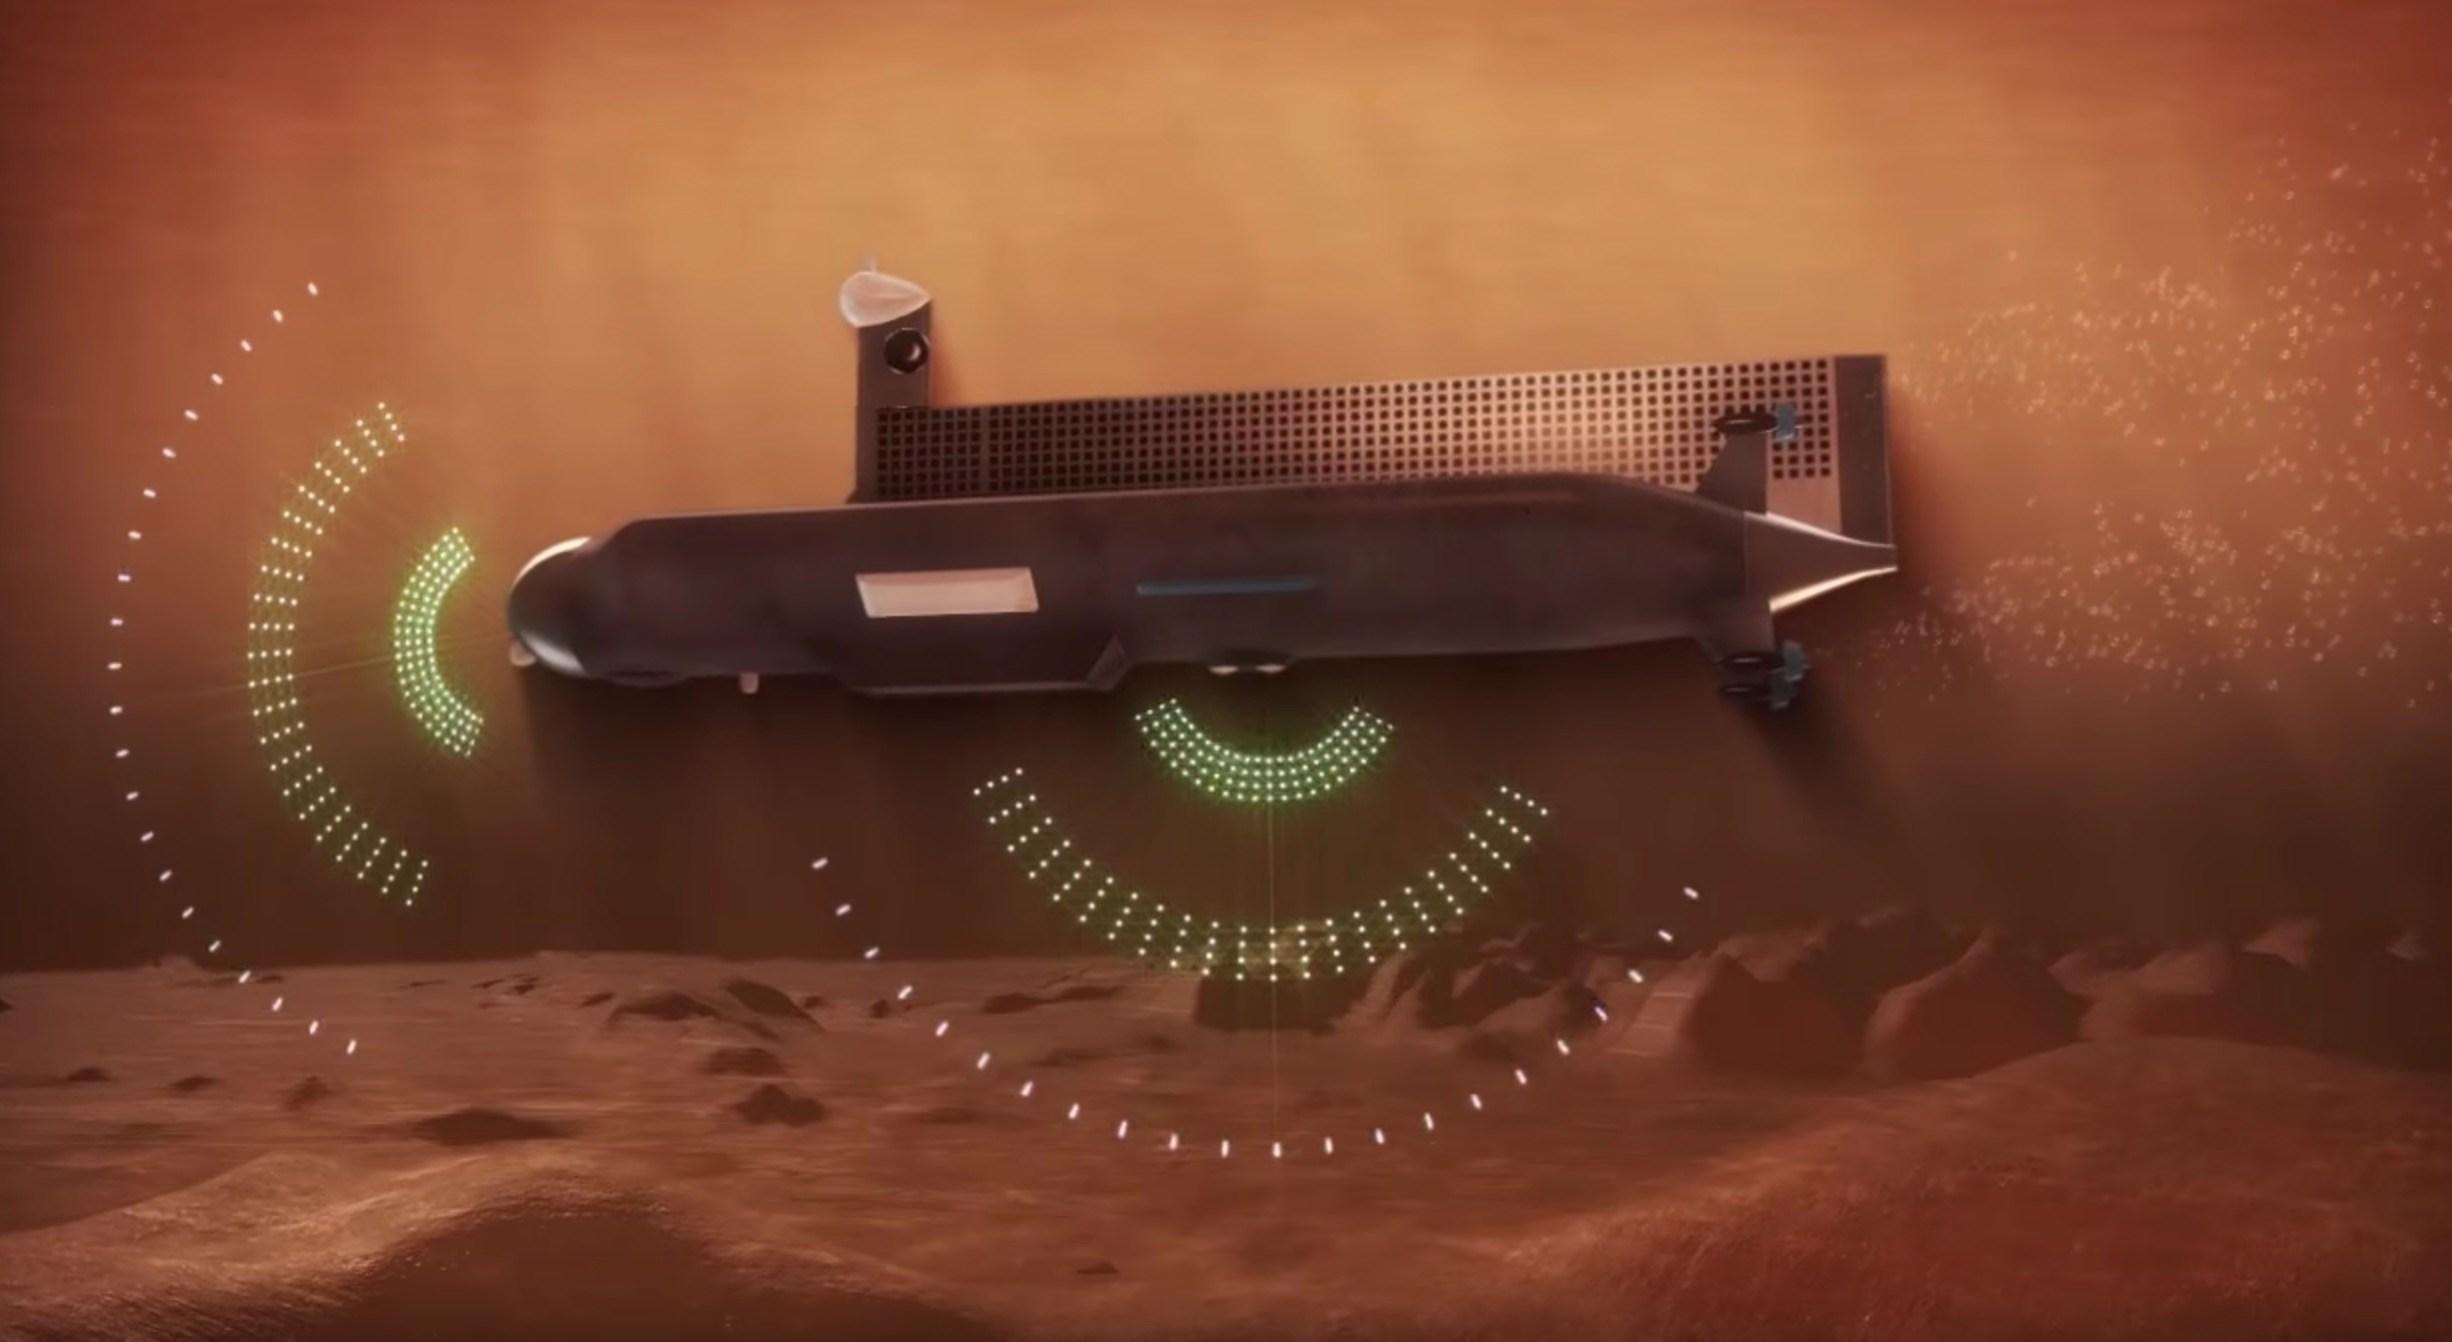 Подлодка, которая будет искать жизнь в метановых морях Титана